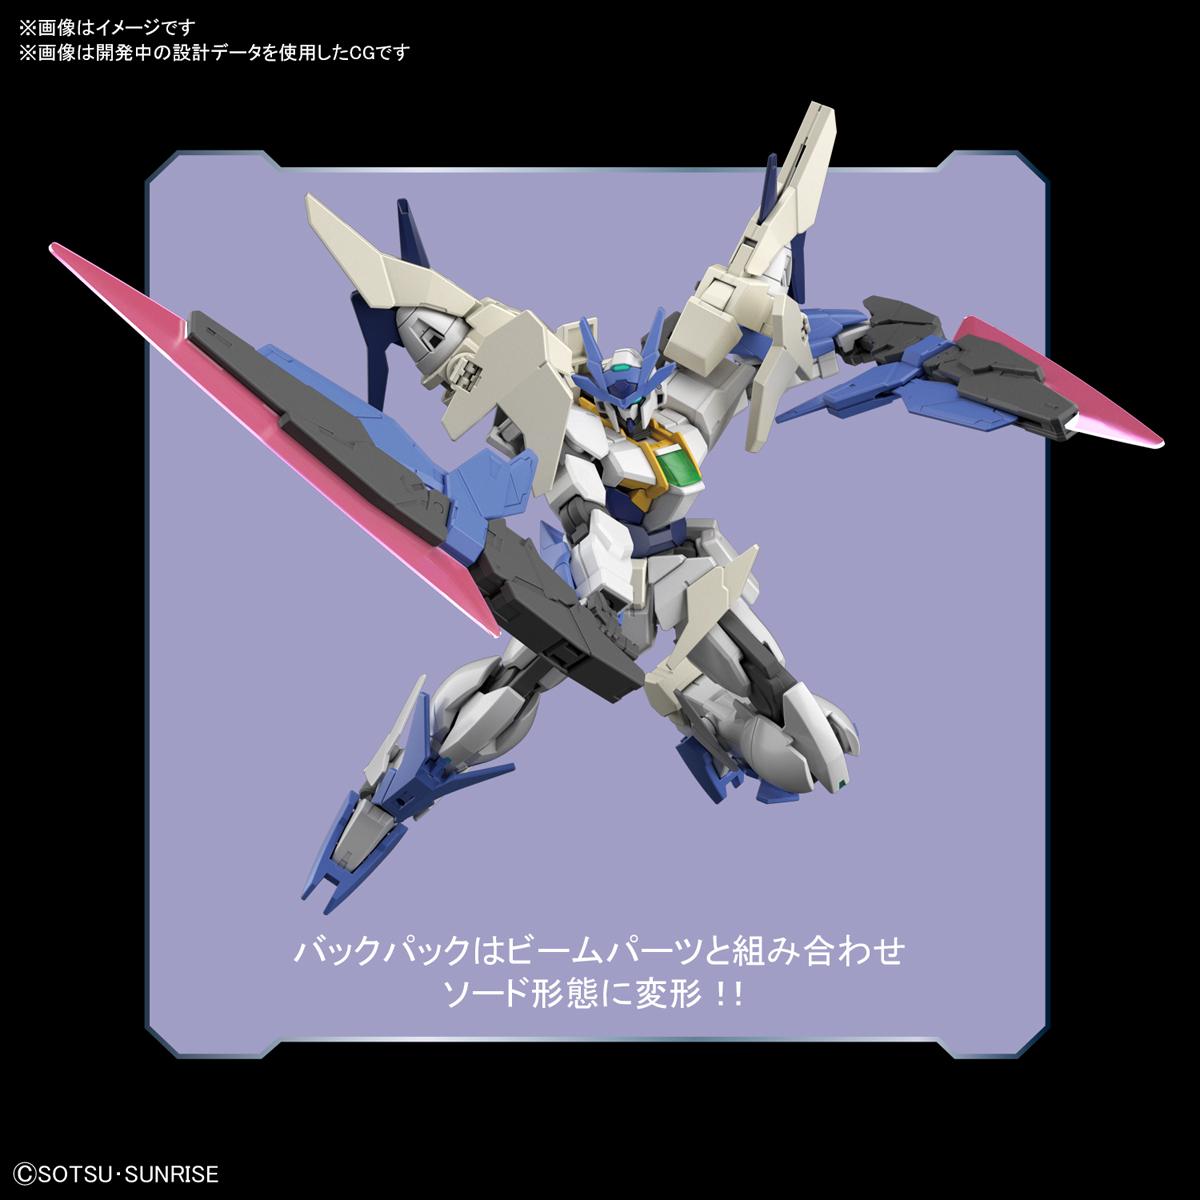 HGBD:R 1/144『ダブルオーガンダム系新機体』ガンダムビルドダイバーズRe:RISE プラモデル-004